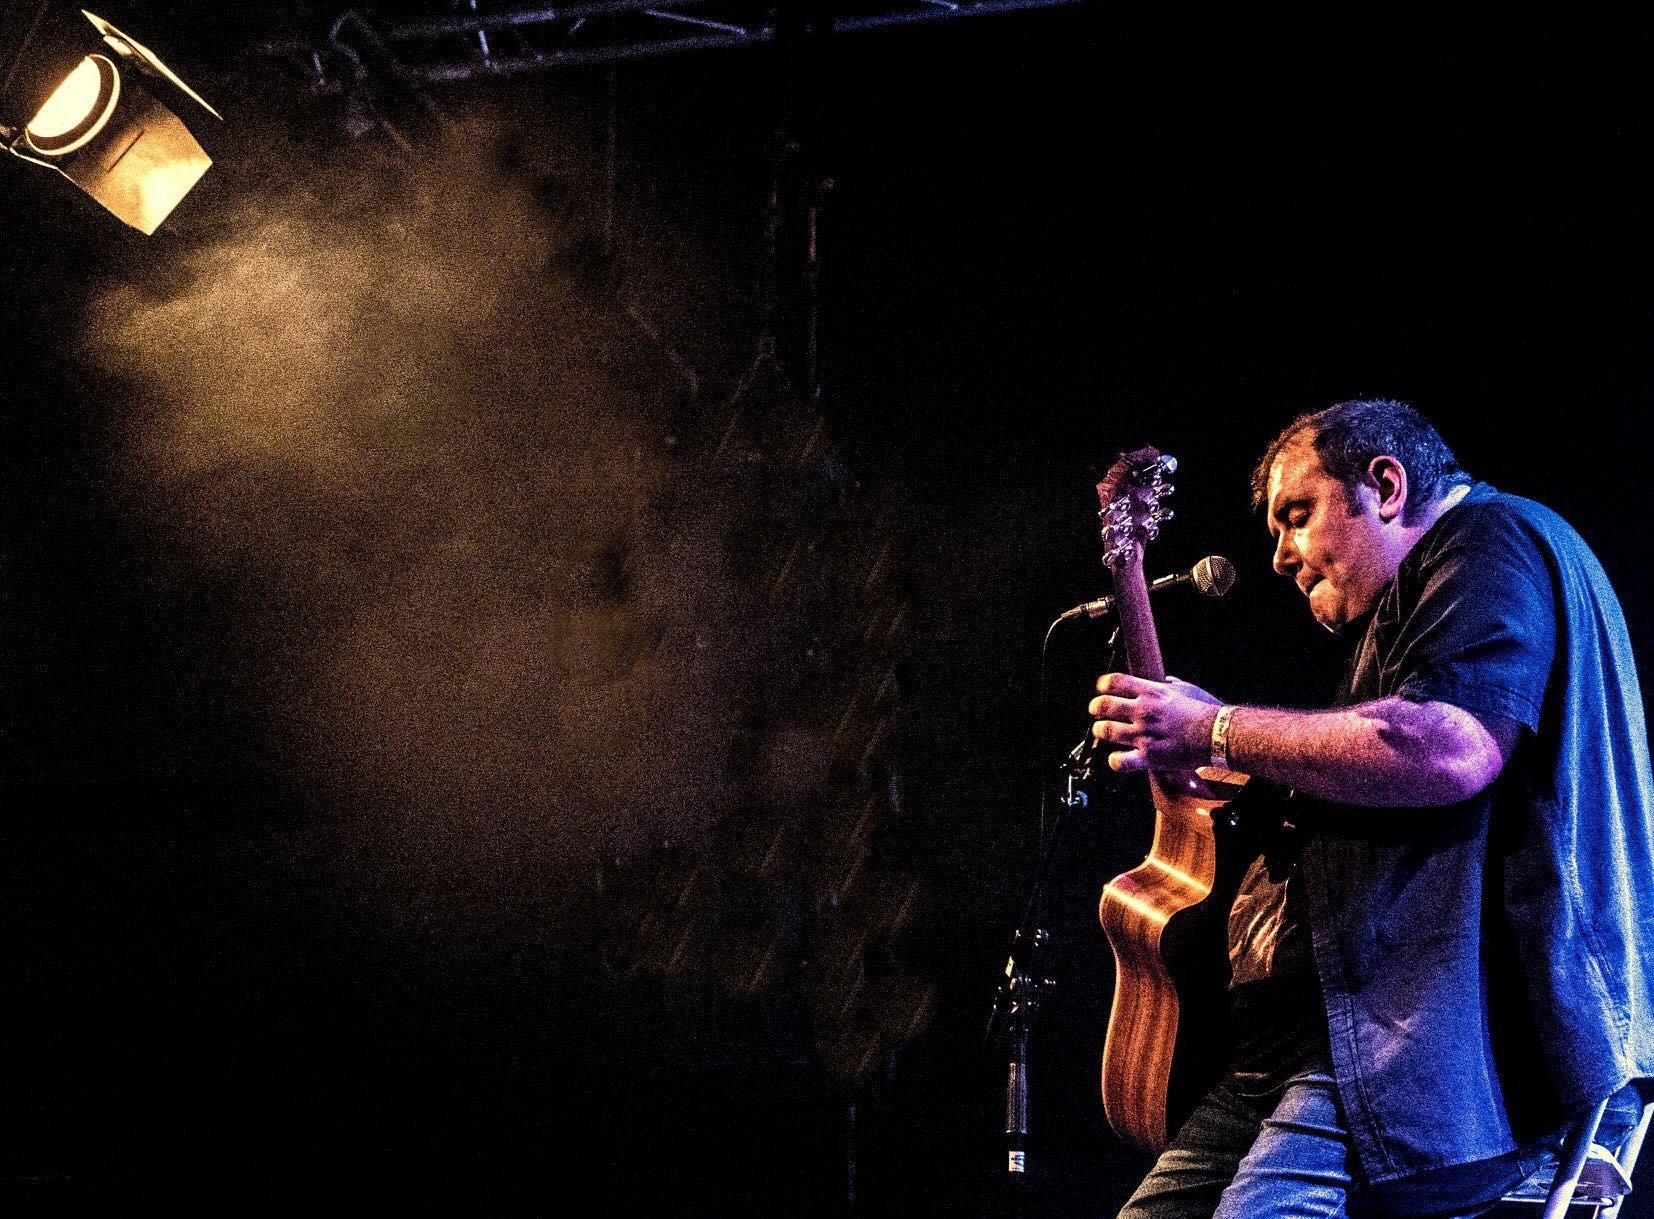 Lloyd Spiegel – 2nd Newcastle show announced